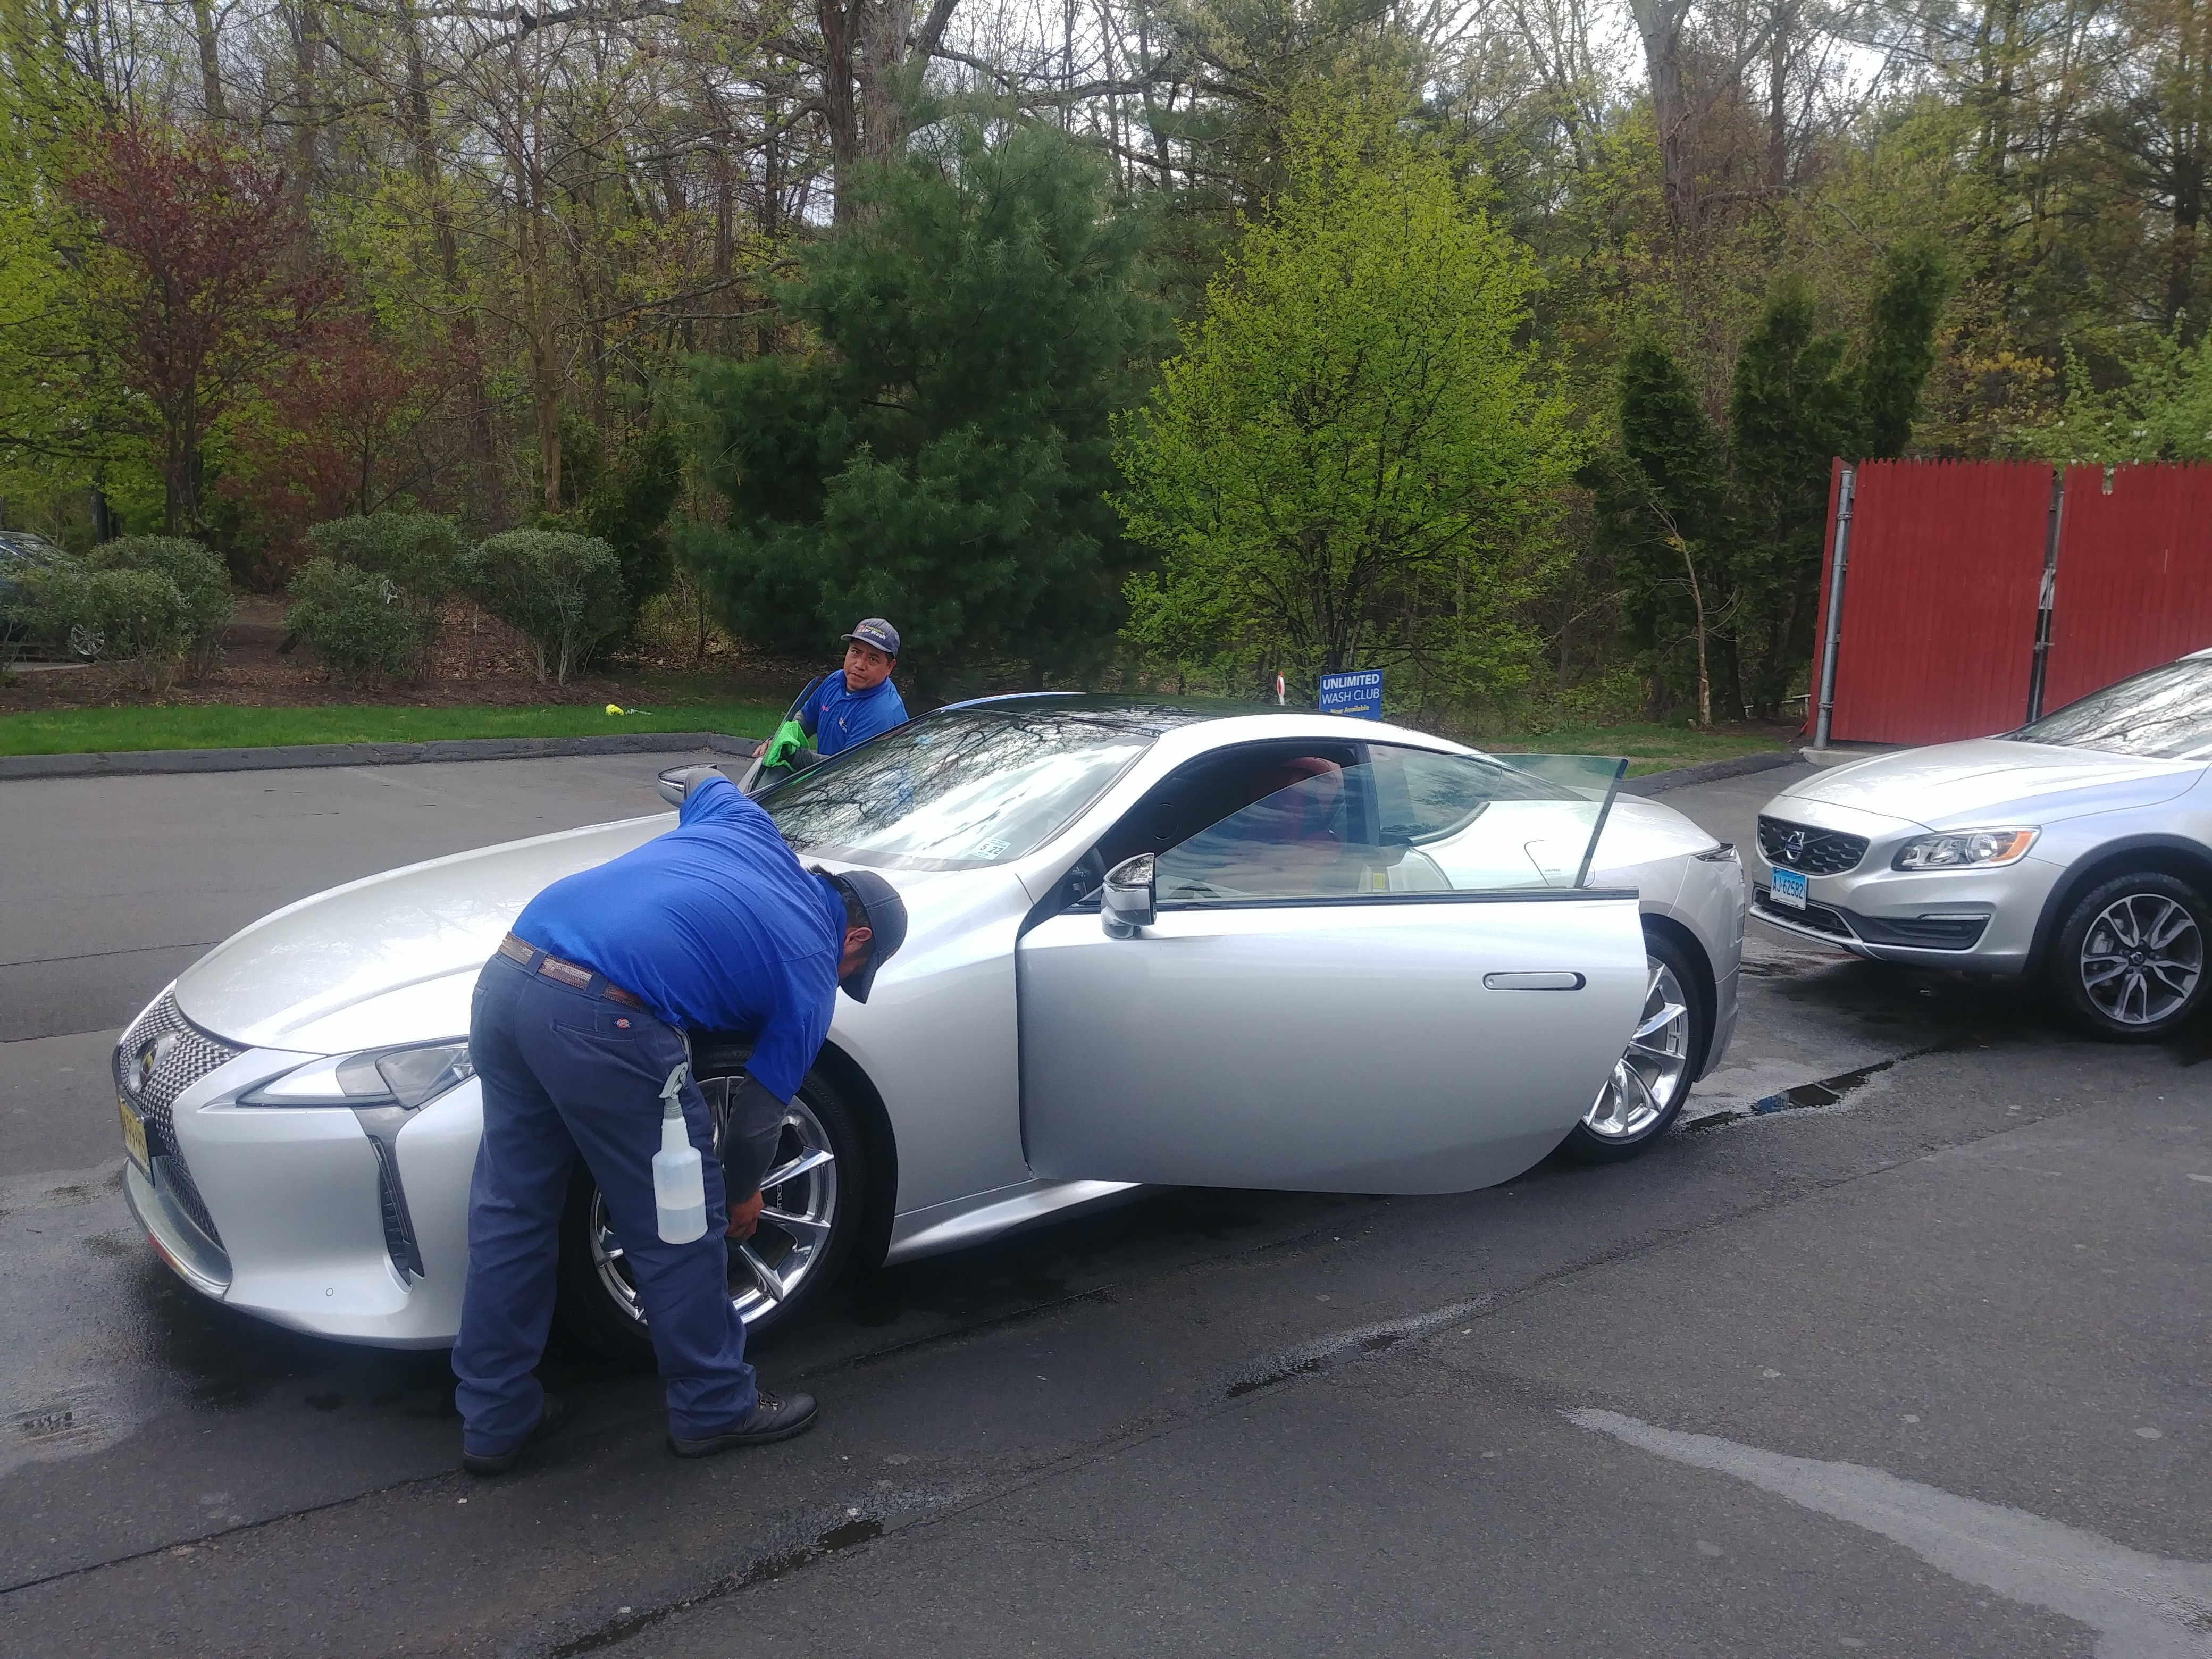 Lexus, Driven: Lexus puts the Grand in a true Grand Touring car, ClassicCars.com Journal